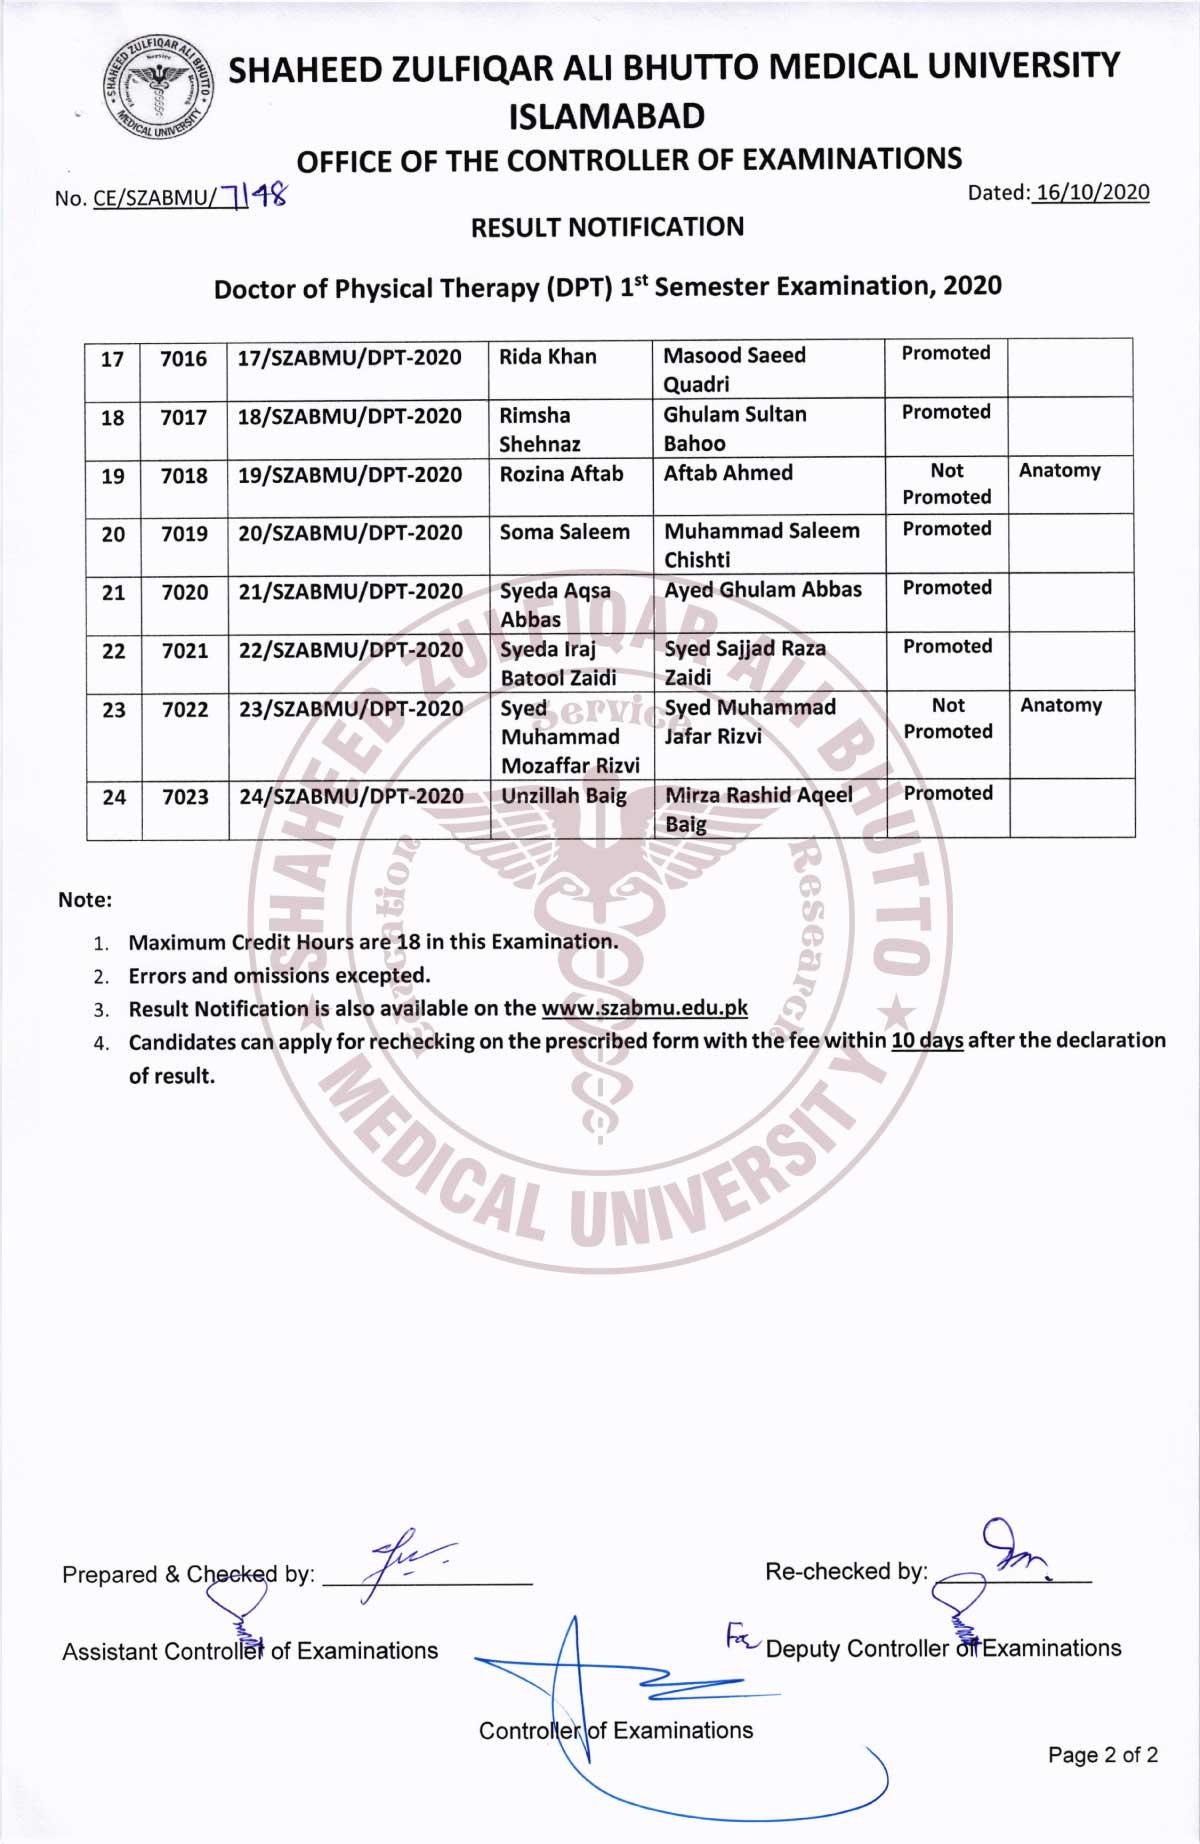 Result Notification of DPT 1st Semester Examination 2020